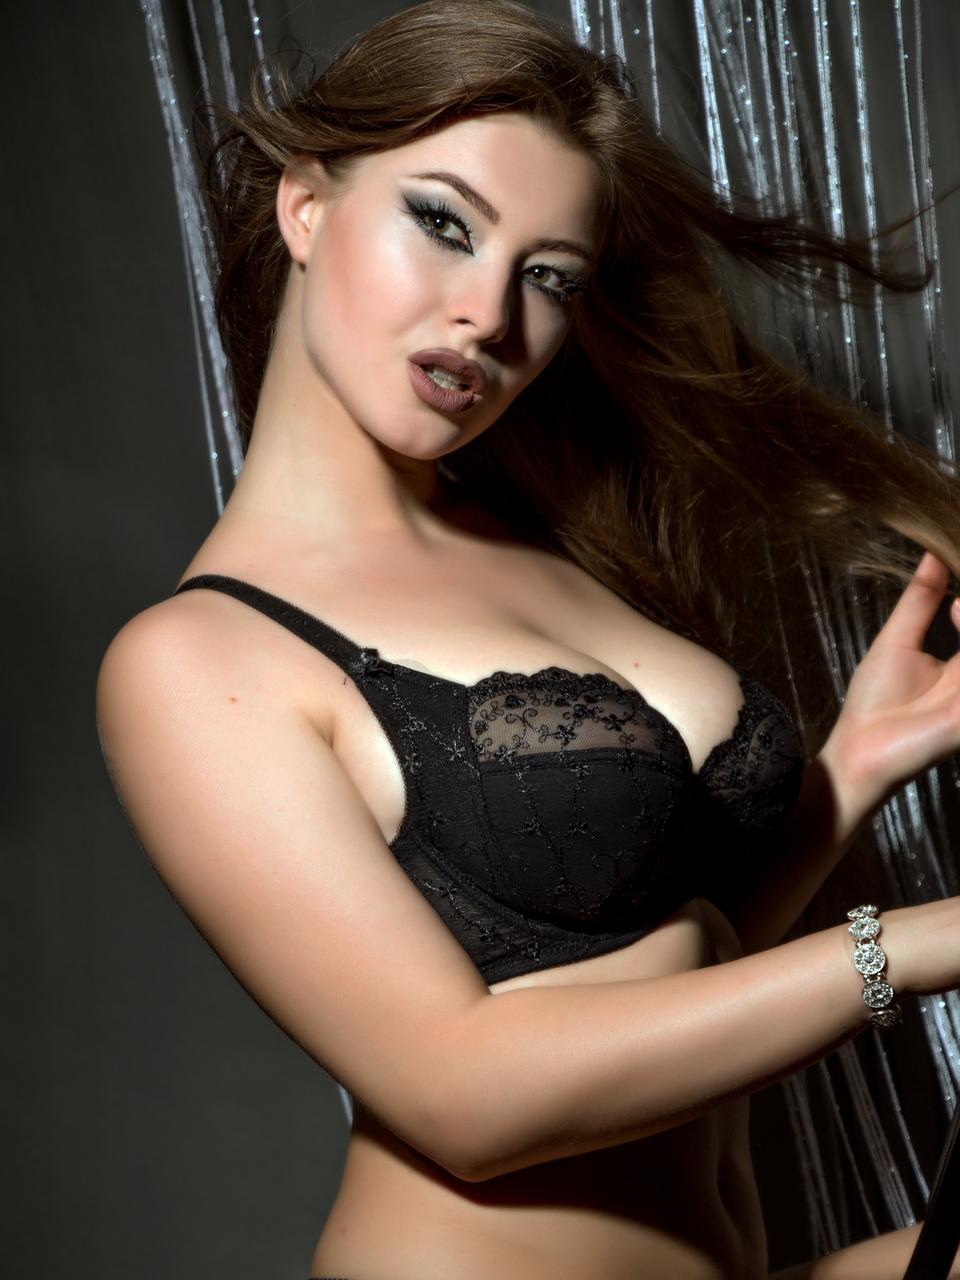 Бюстгальтер Diorella 35172D, цвет Черный, размер 75D